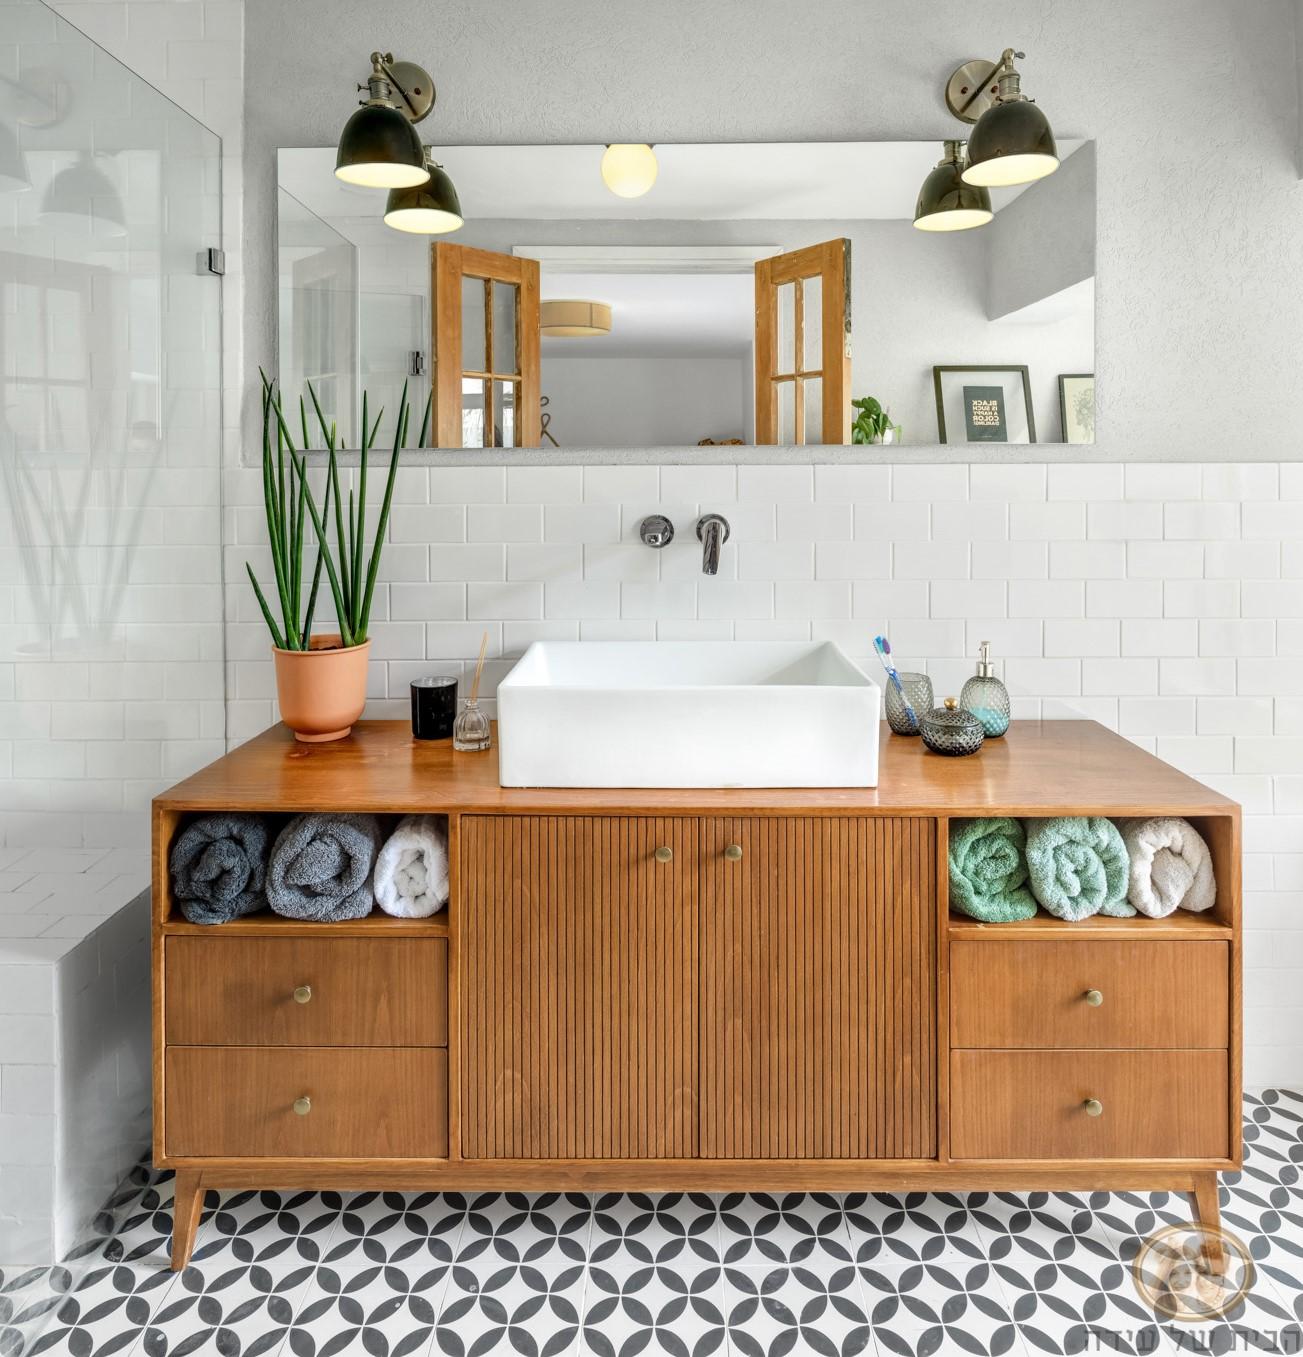 אמבטיה בסגנון אורבני